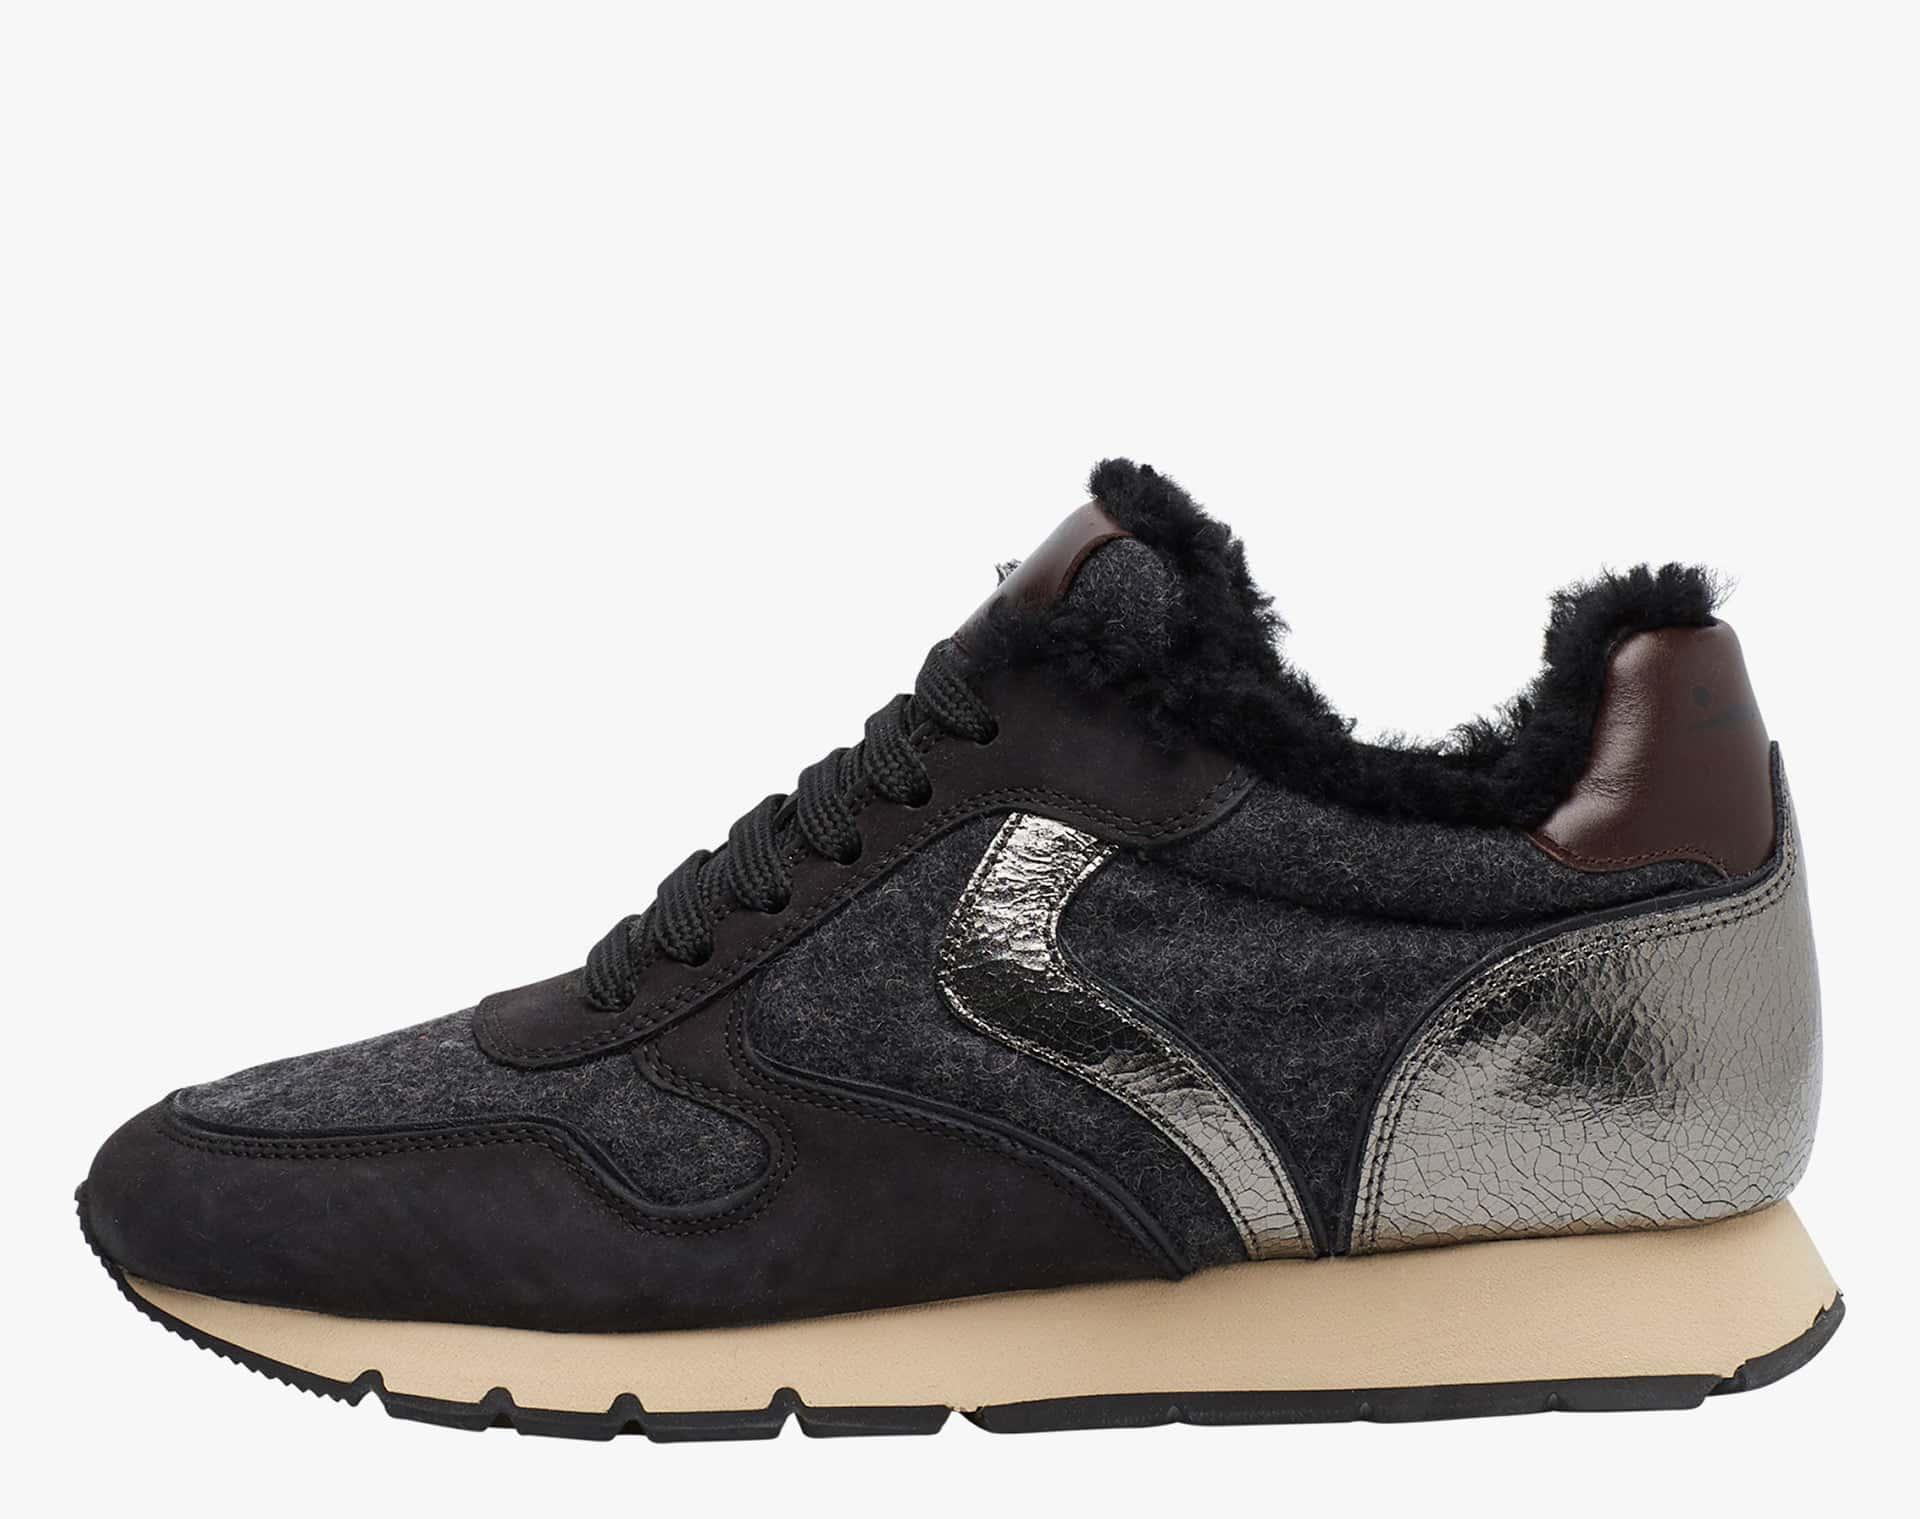 JULIA FUR - Sheepskin-lined sneakers - Black